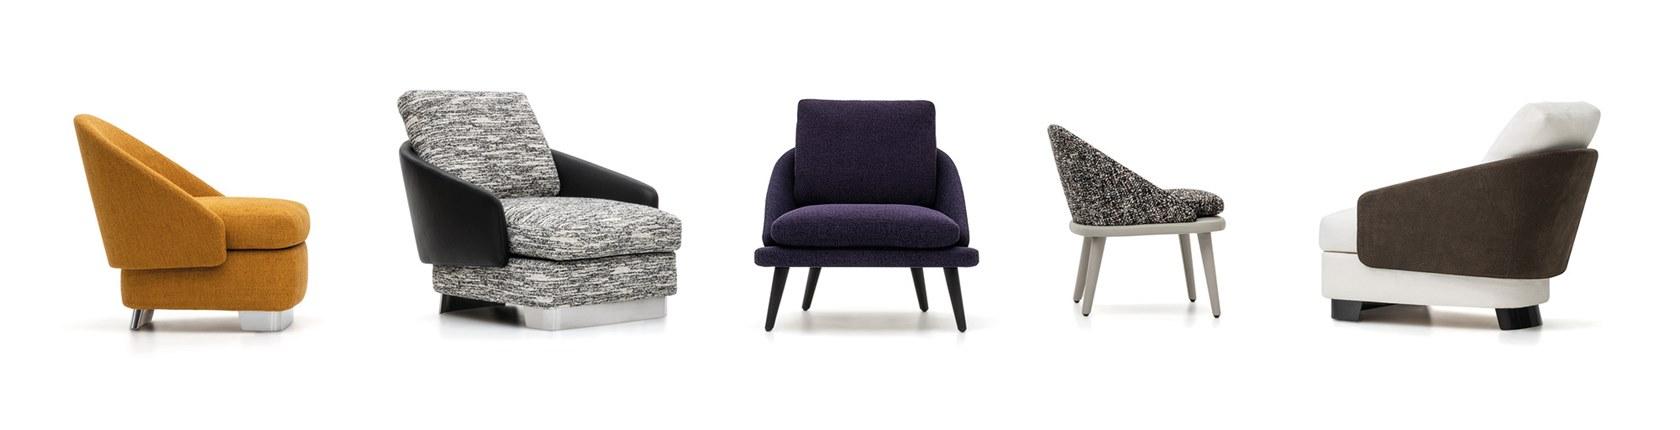 新品发布 意大利Minotti  Rodolfo Dordoni LAWSON  沙发椅 不锈钢实木皮质布艺休闲椅